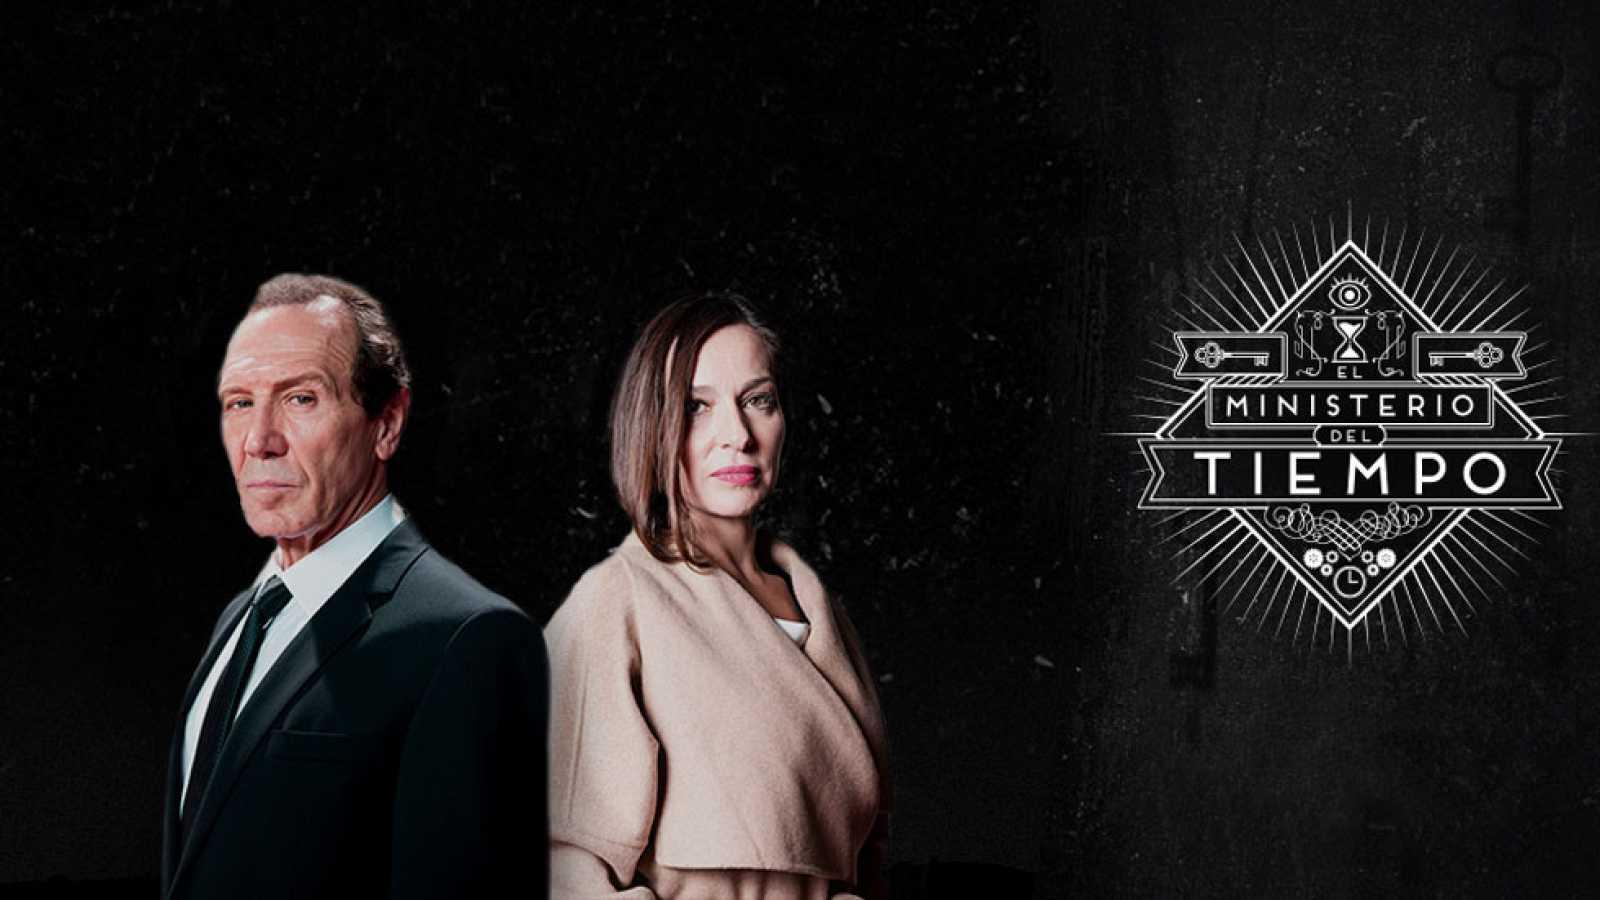 La Puerta del Tiempo - Programa 2 - Juan Gea y Natalia Millán